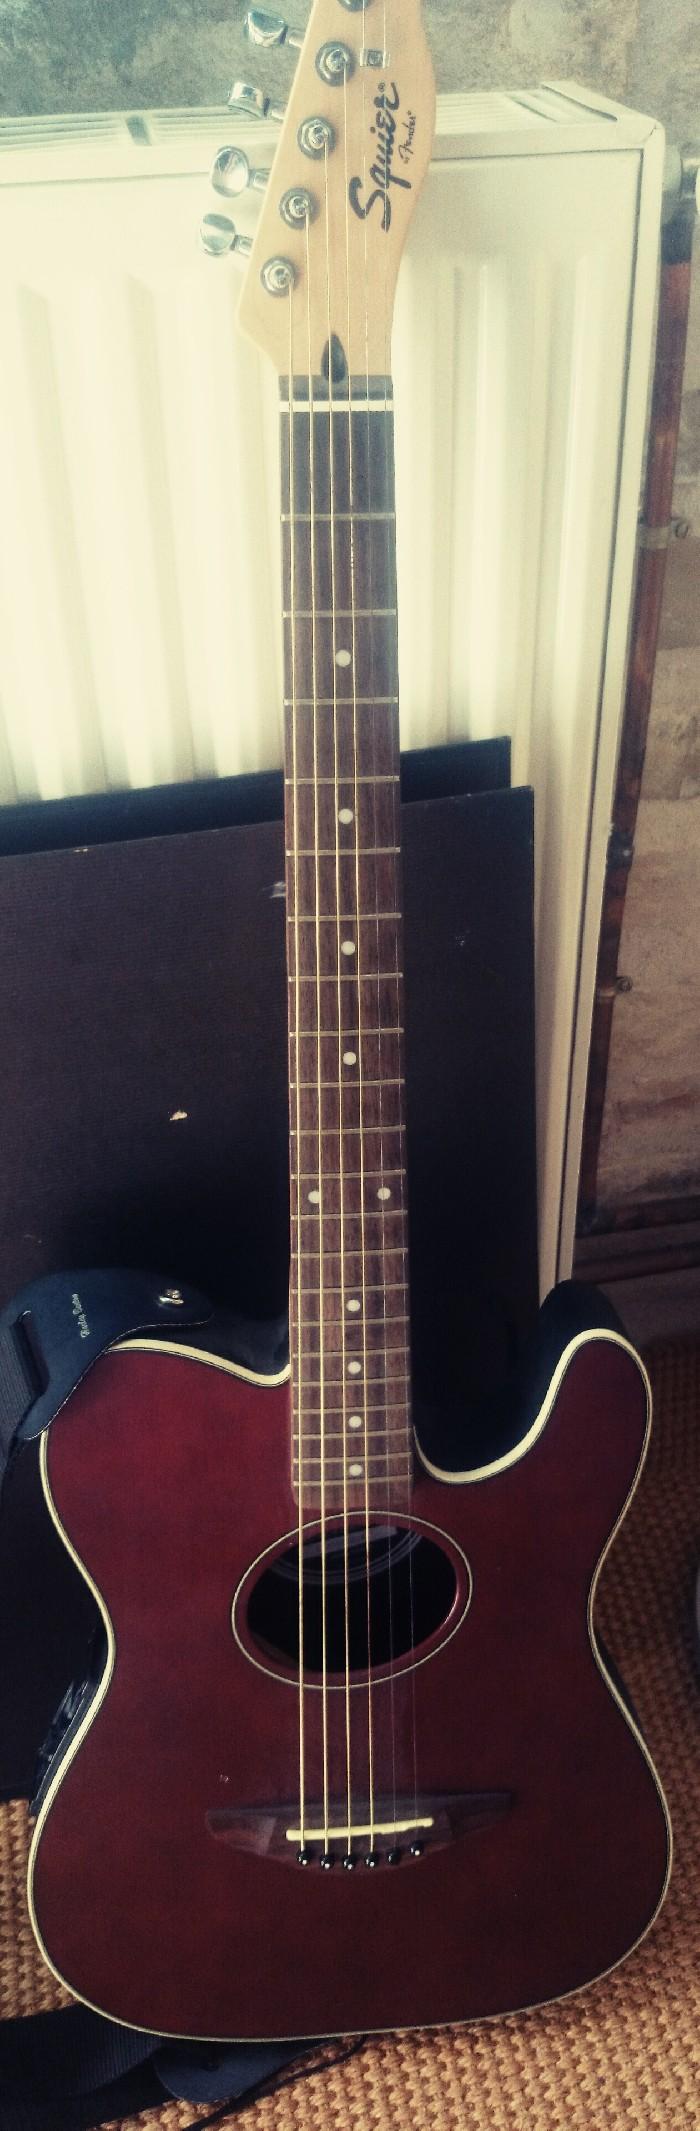 guitare occasion dijon